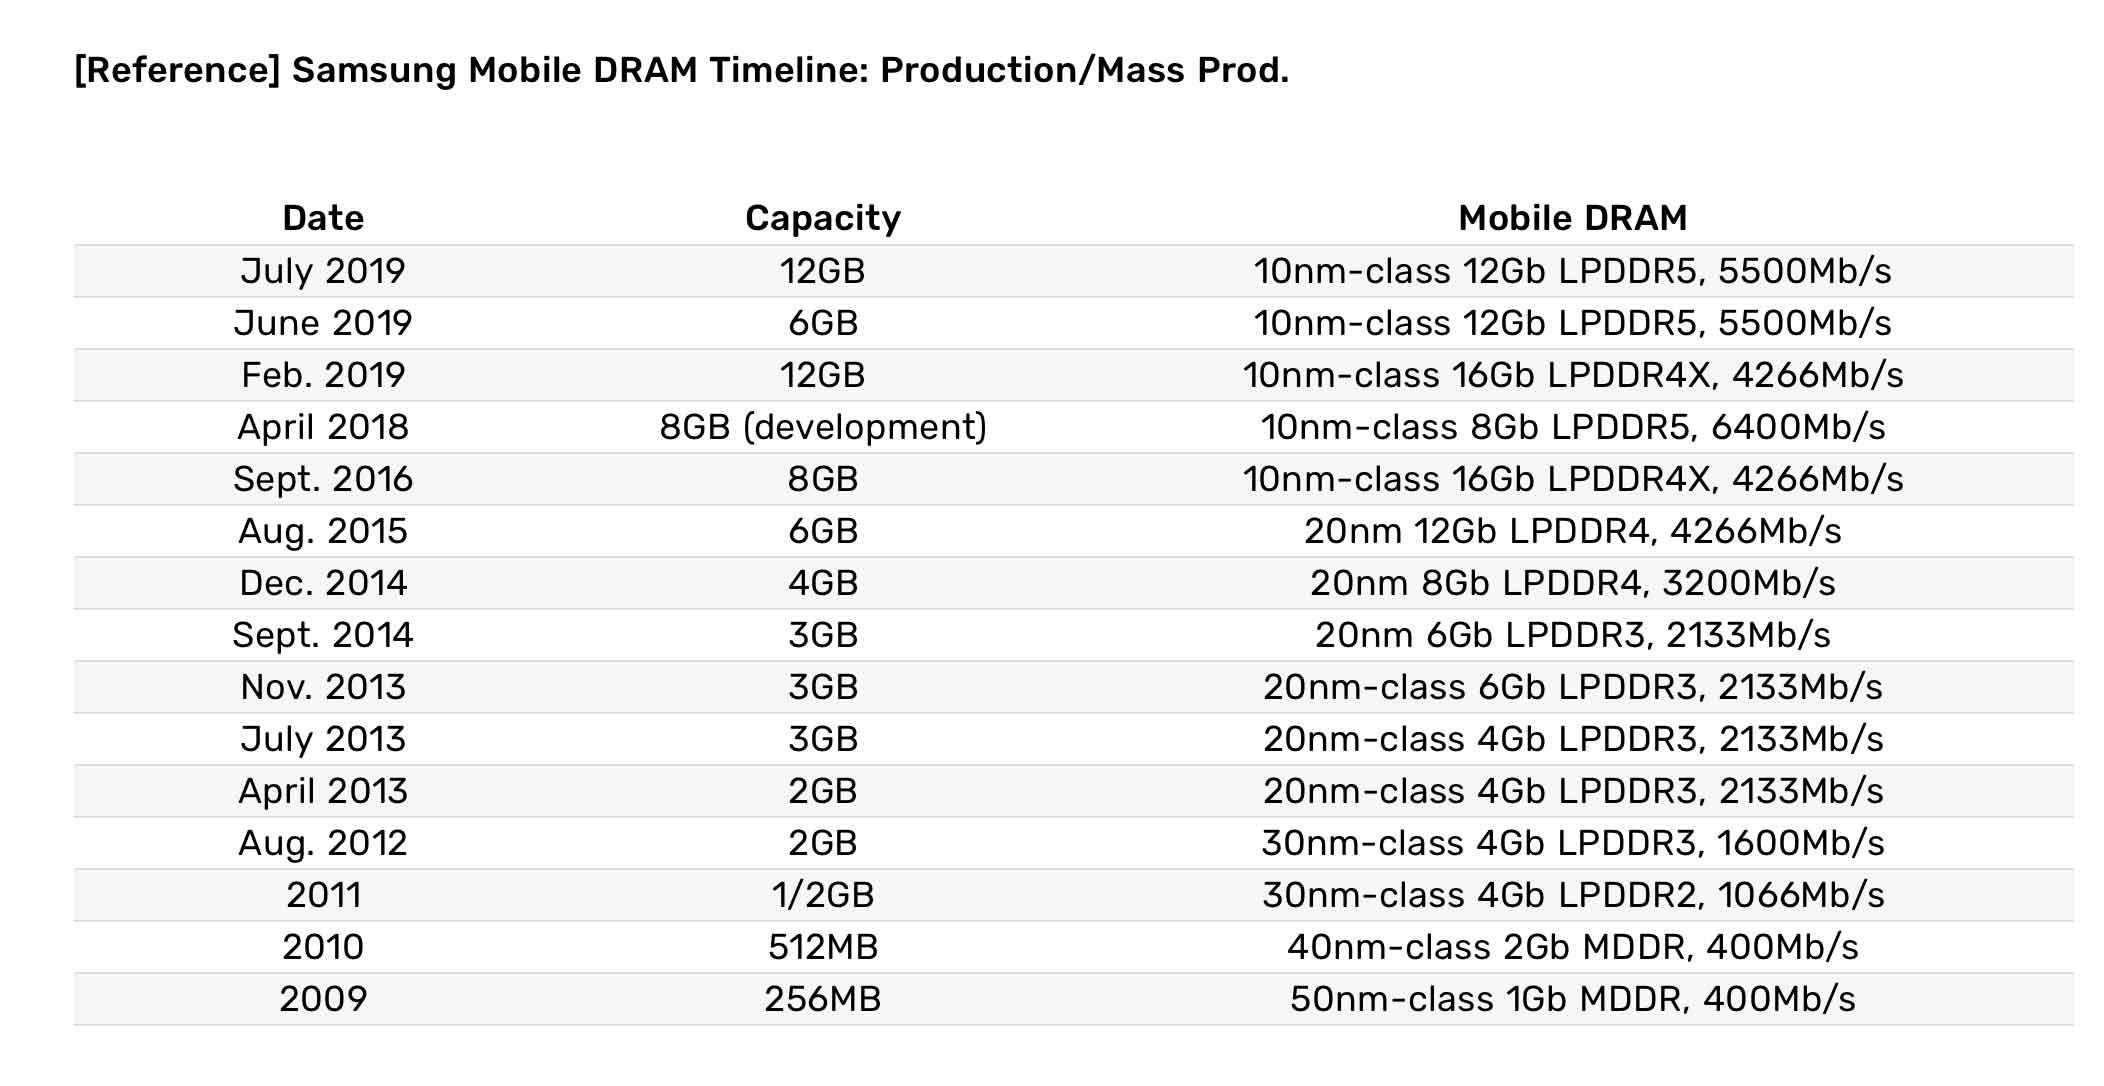 Samsung ha avviato la produzione in serie dei primi moduli DRAM 12Gb LPDDR5 per dispositivi mobili